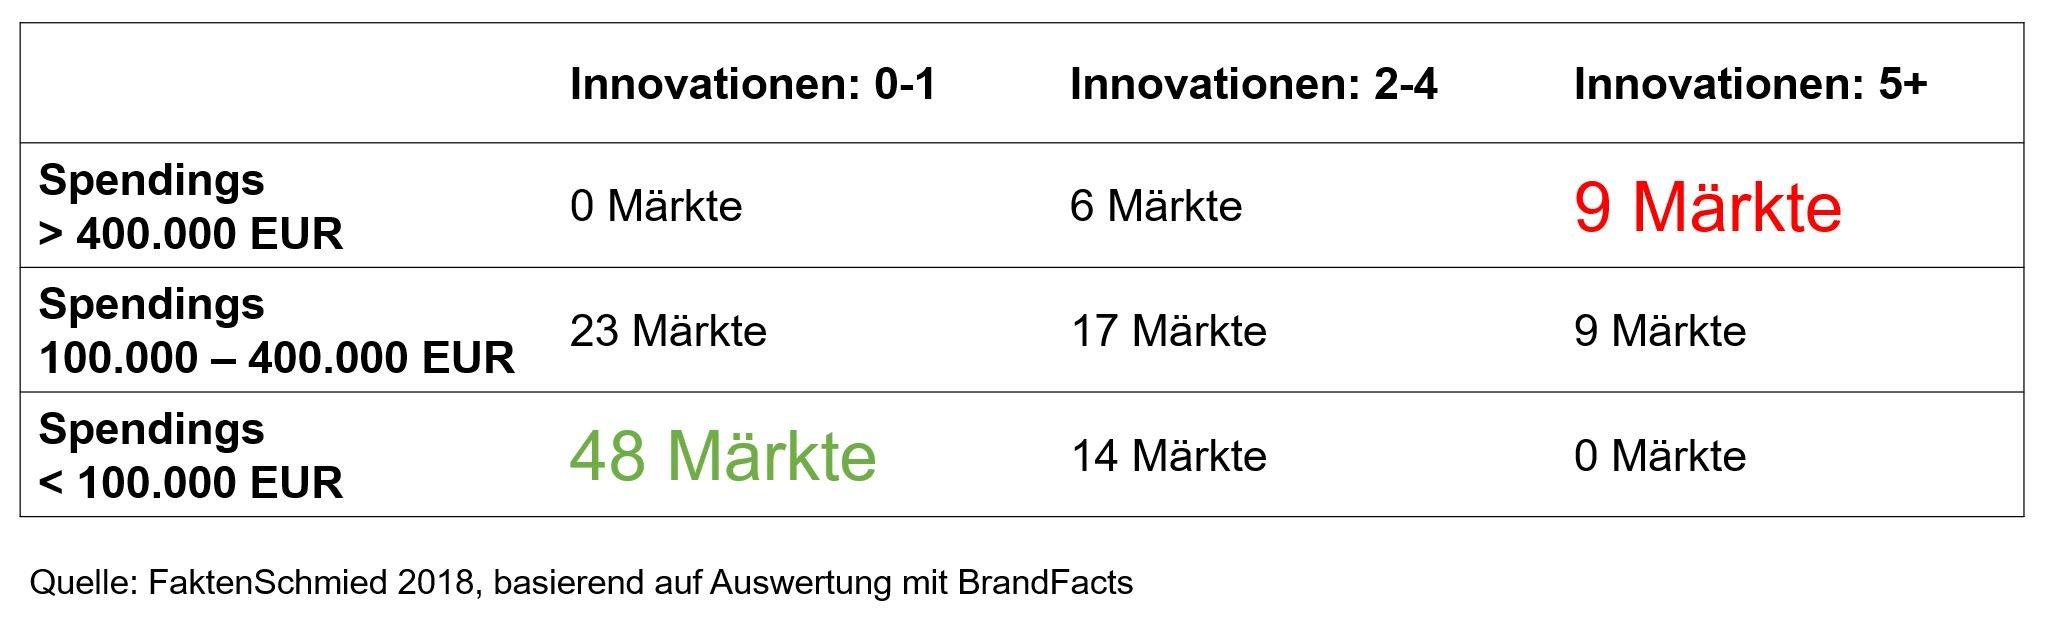 Markt-Matrix nach Spendings und Innovationen